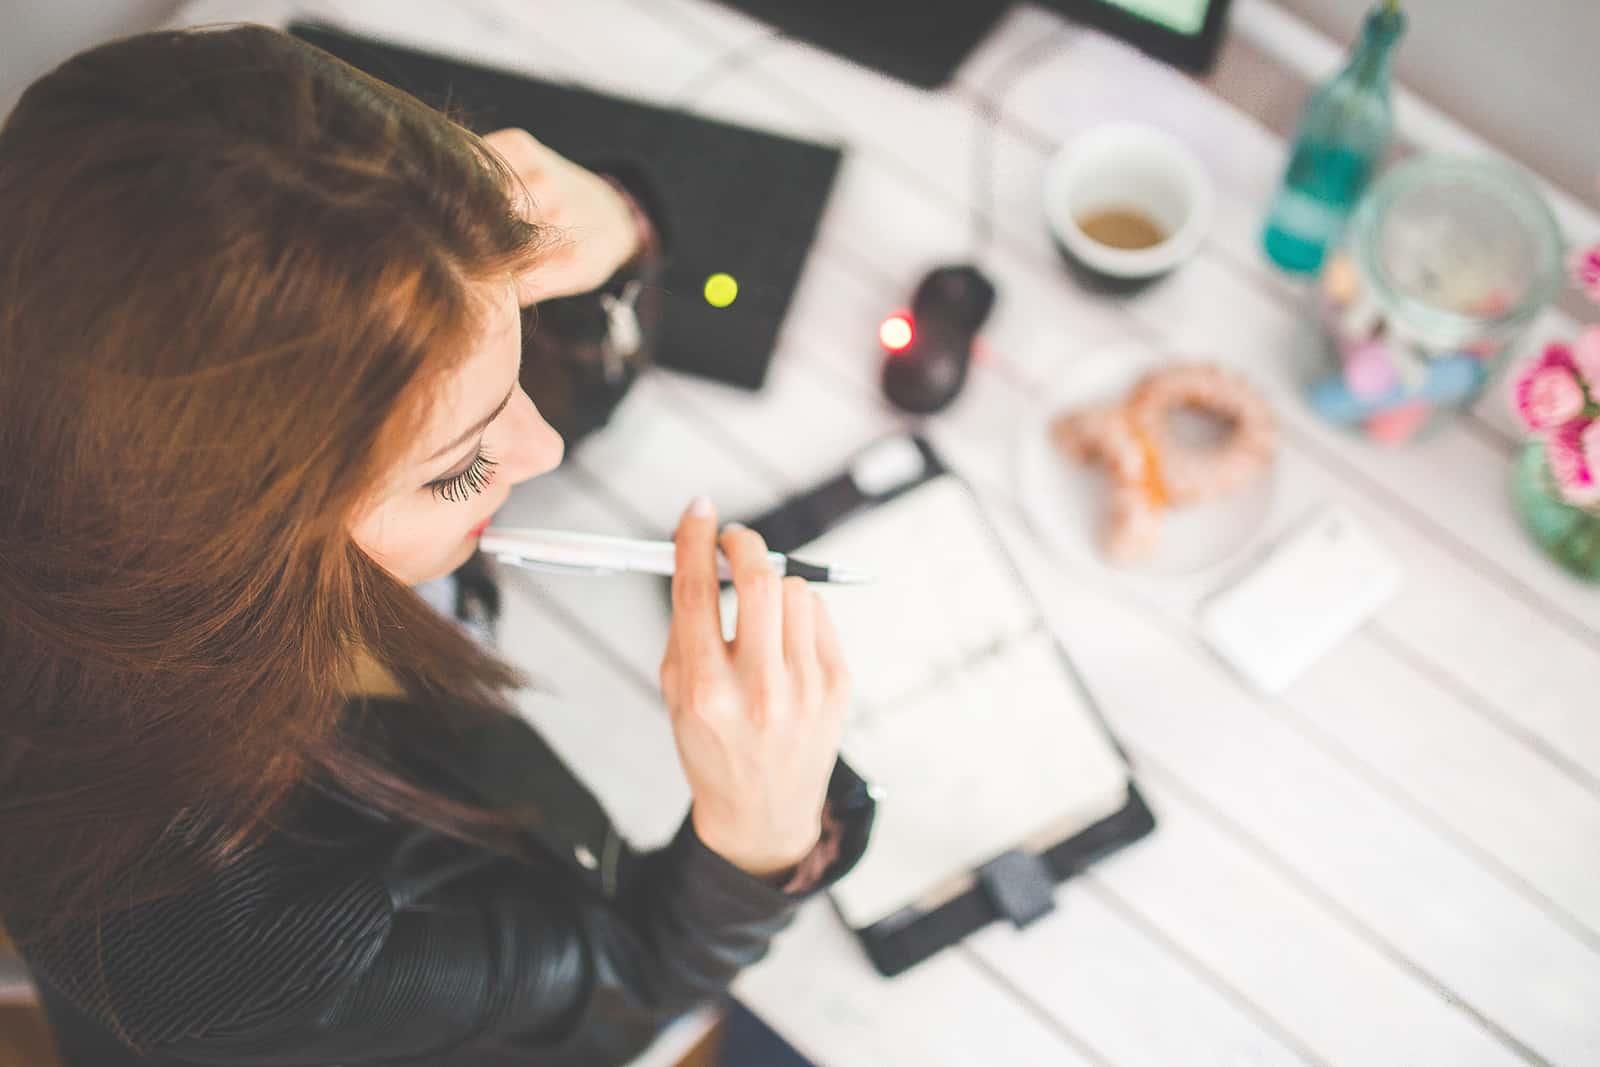 eine nachdenkliche Frau, die Pläne macht, während sie am Schreibtisch sitzt